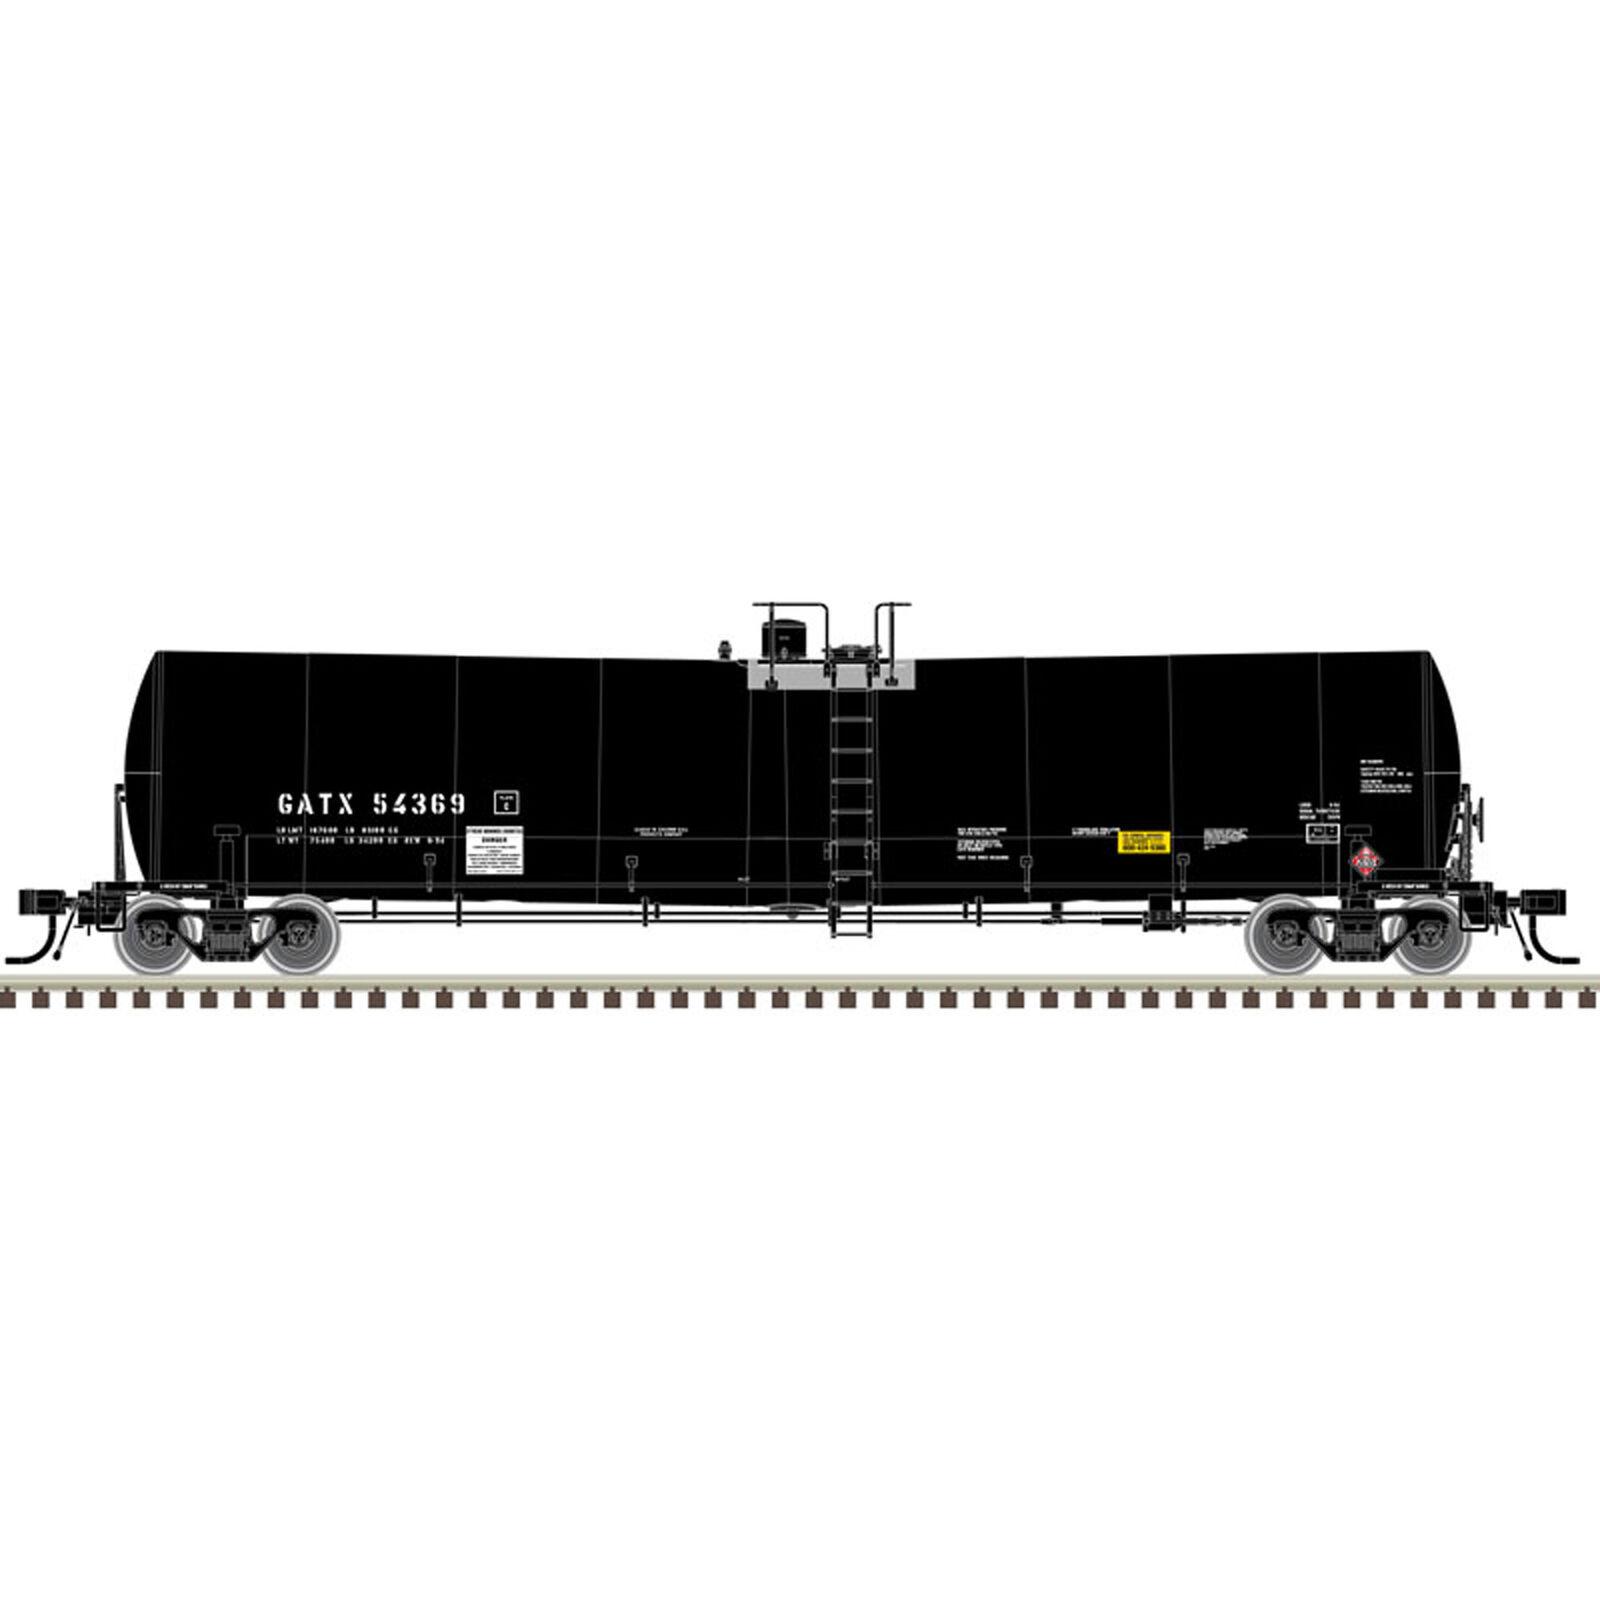 N 25 000-Gallon Tank GATX #54369